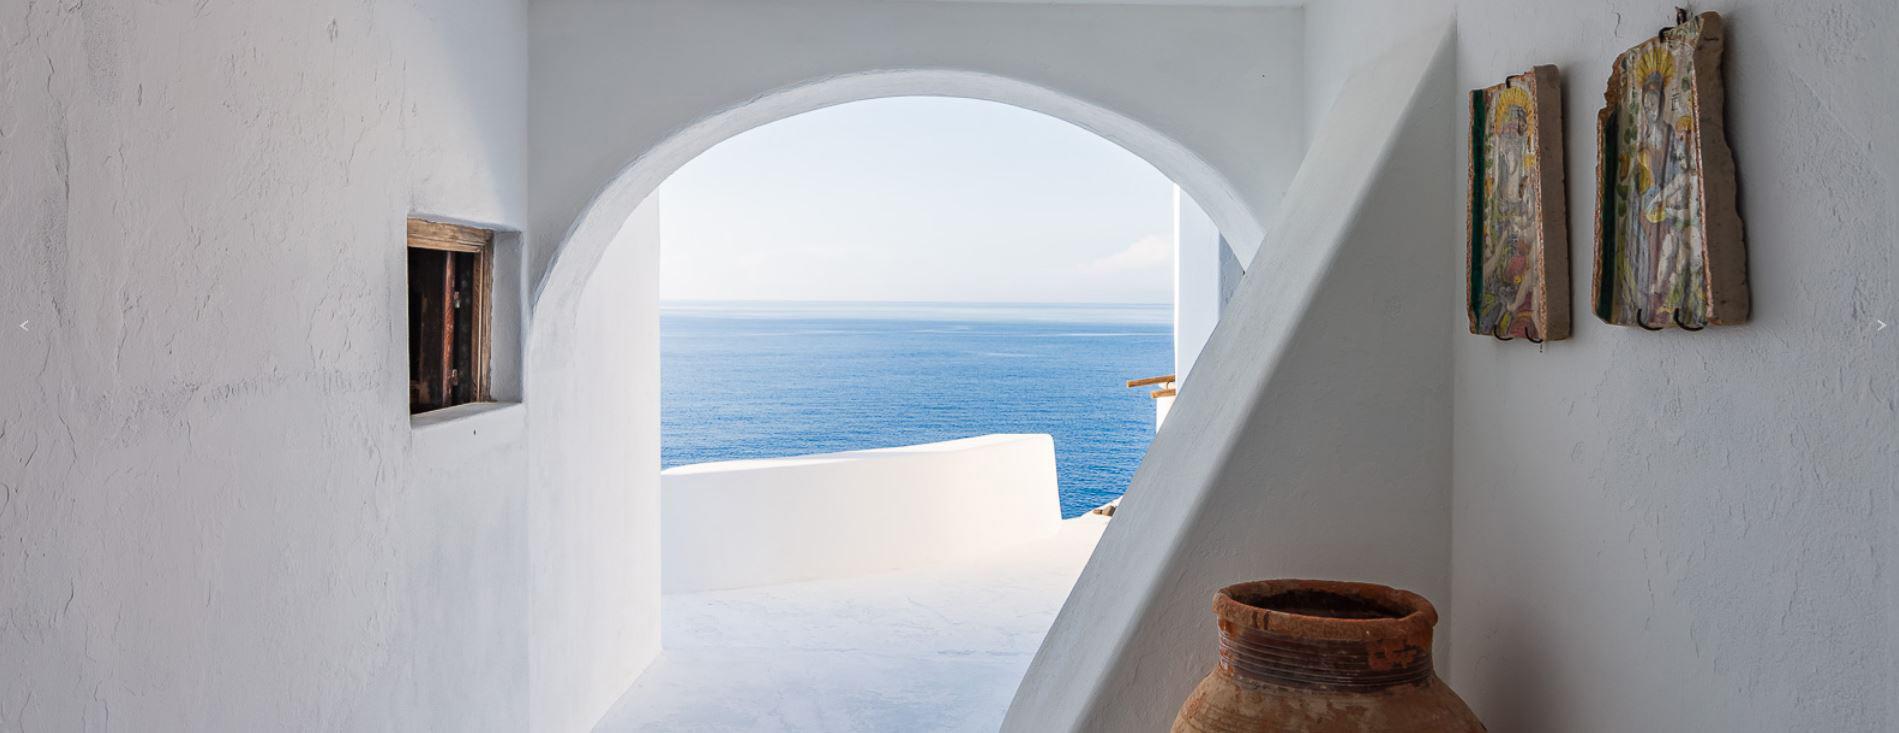 Las casas blancas ubicadas a lo largo de la costa, contrastan con la vegetación verde y el mar azul profundo